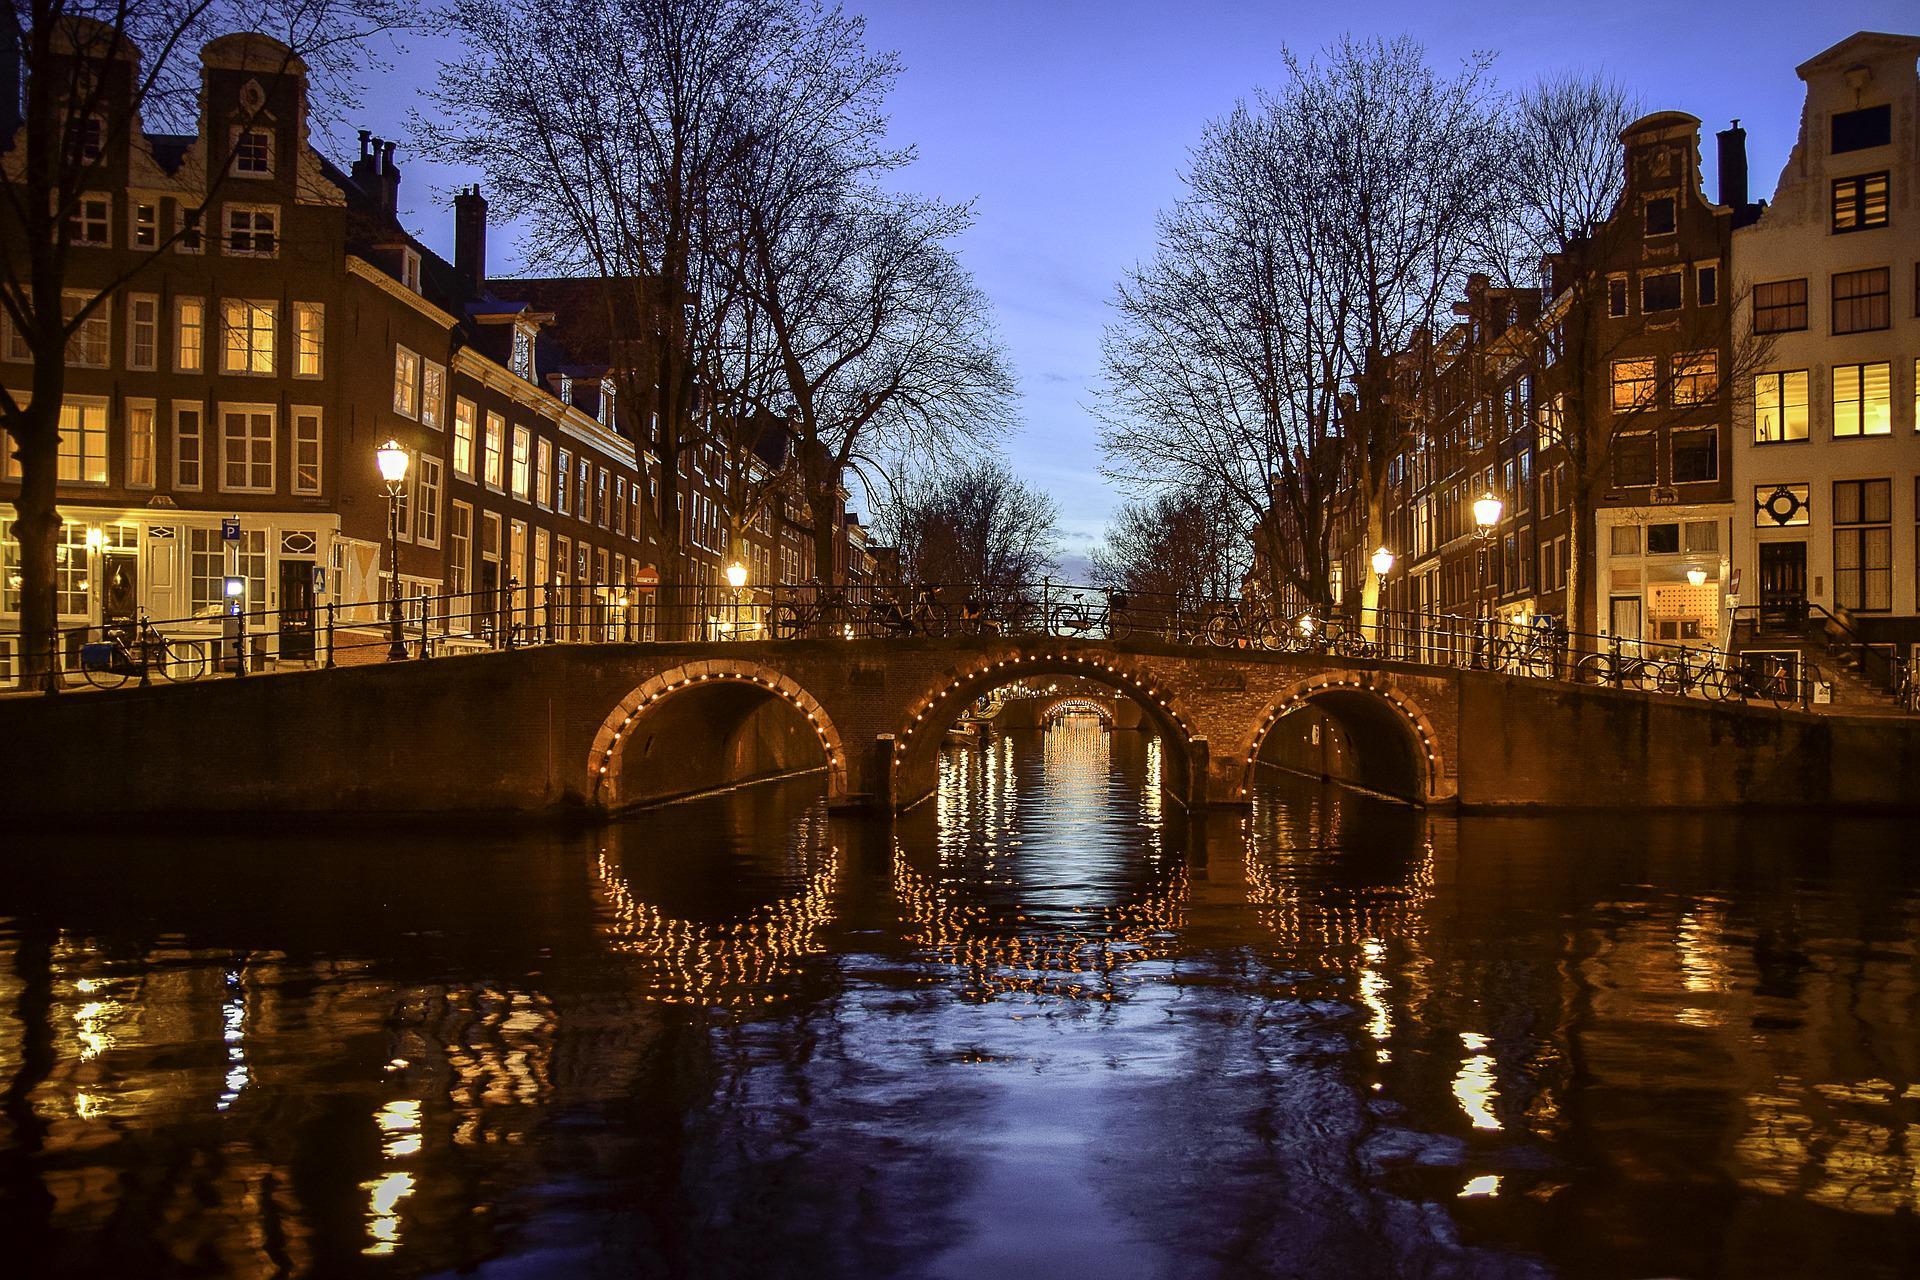 Минфин направил Нидерландам письмо о внесении изменений в налоговое соглашение